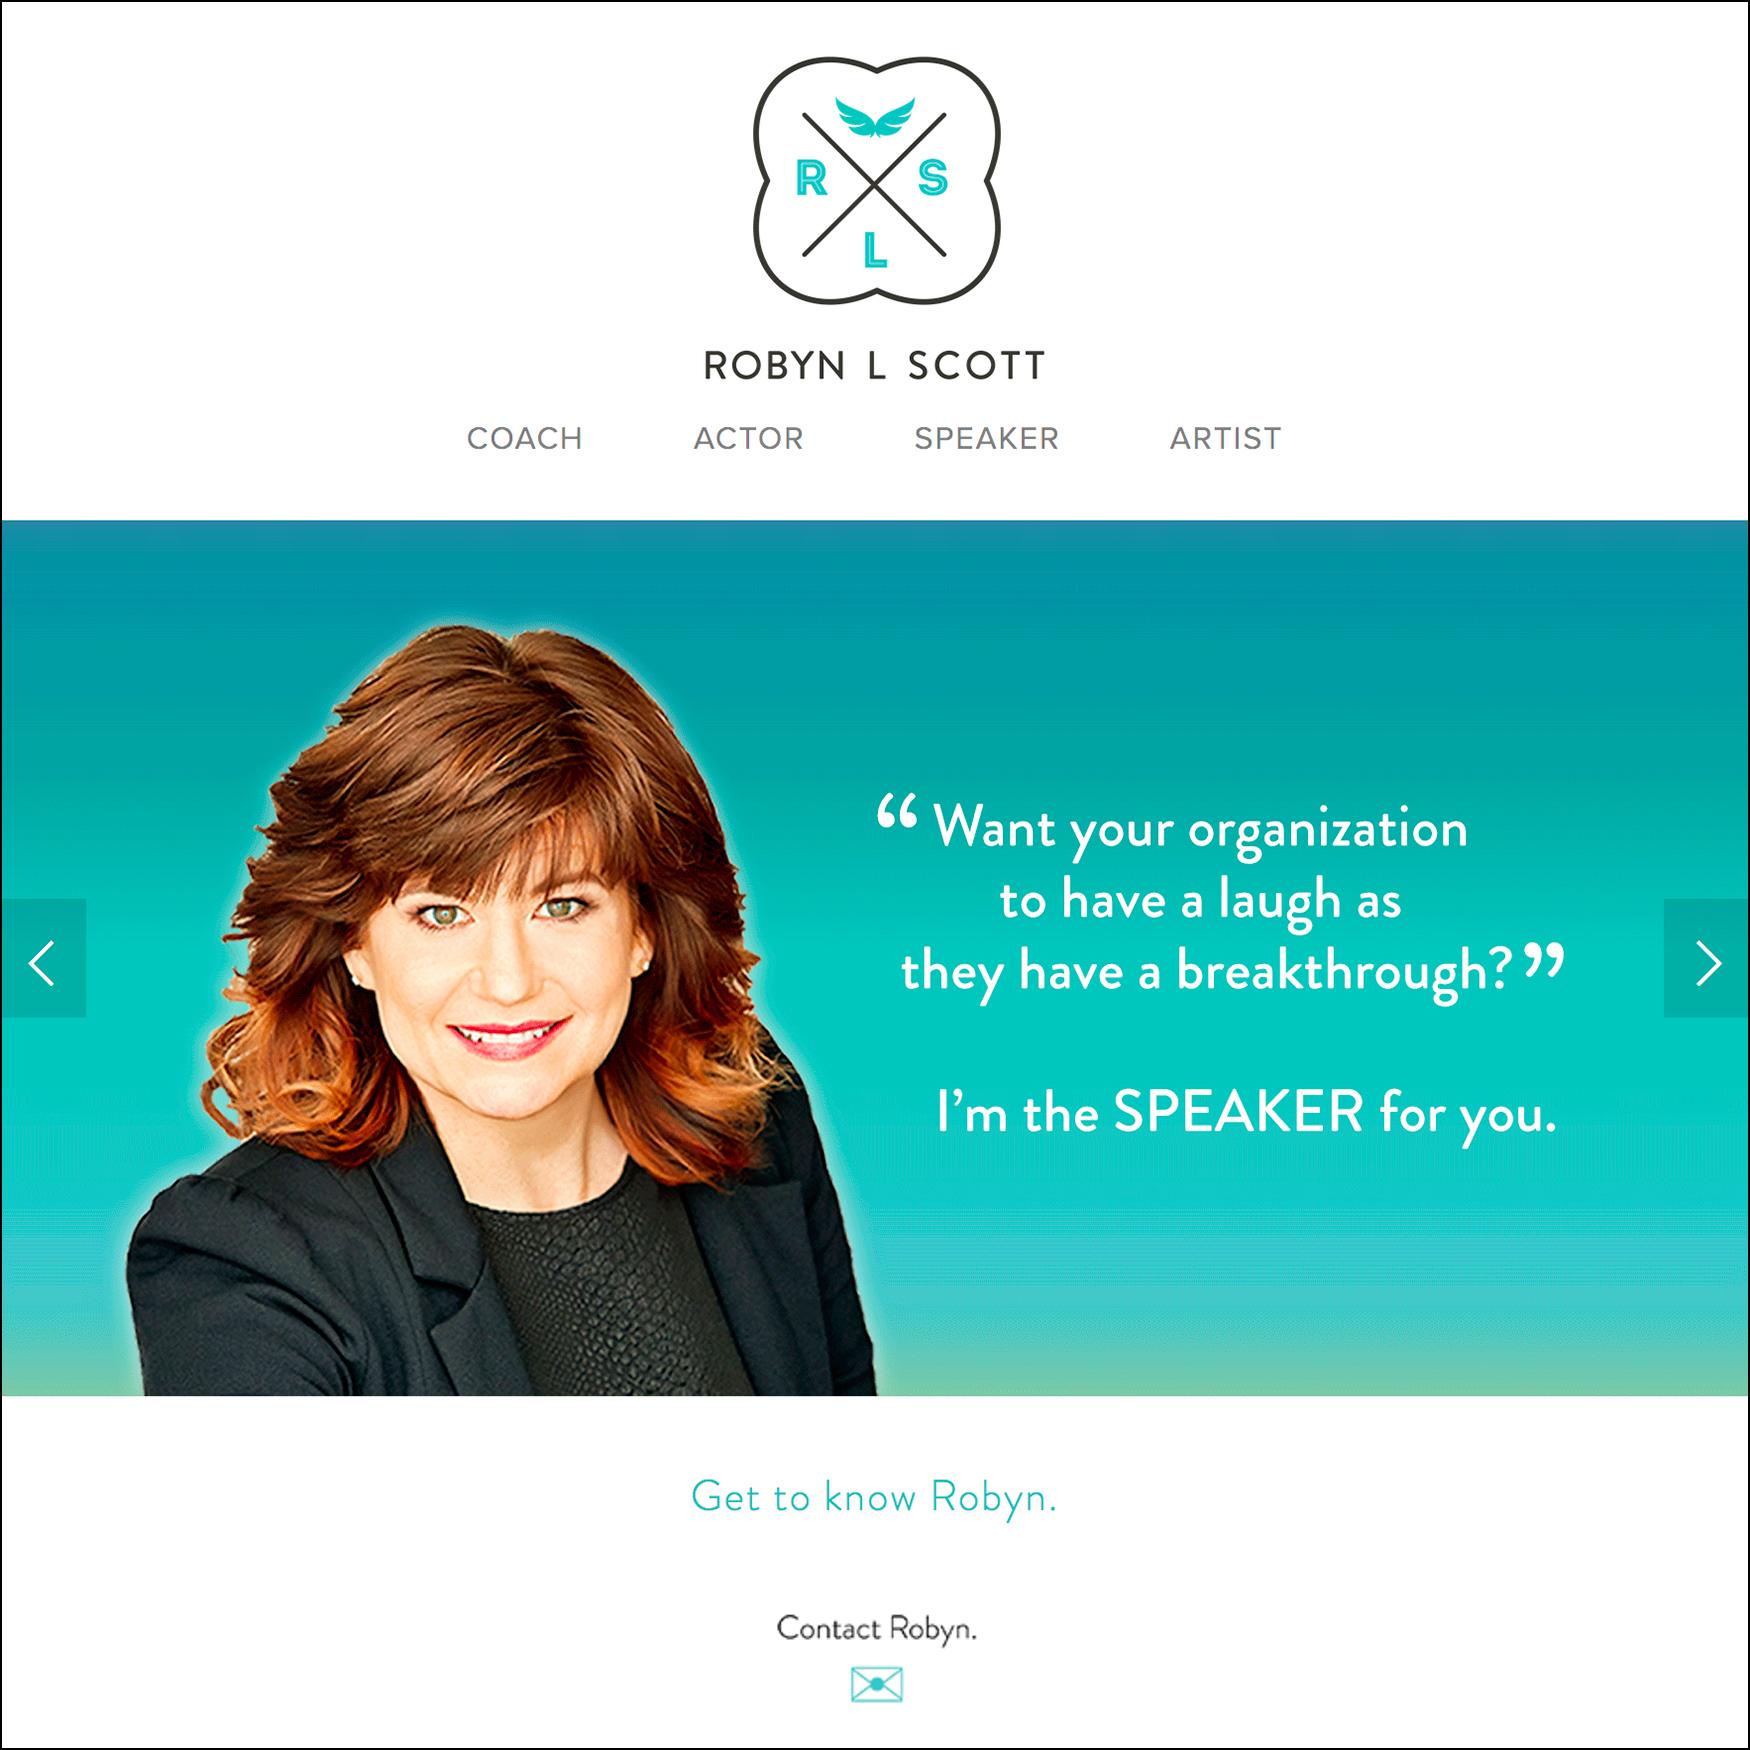 WEBSITE: Robyn L Scott